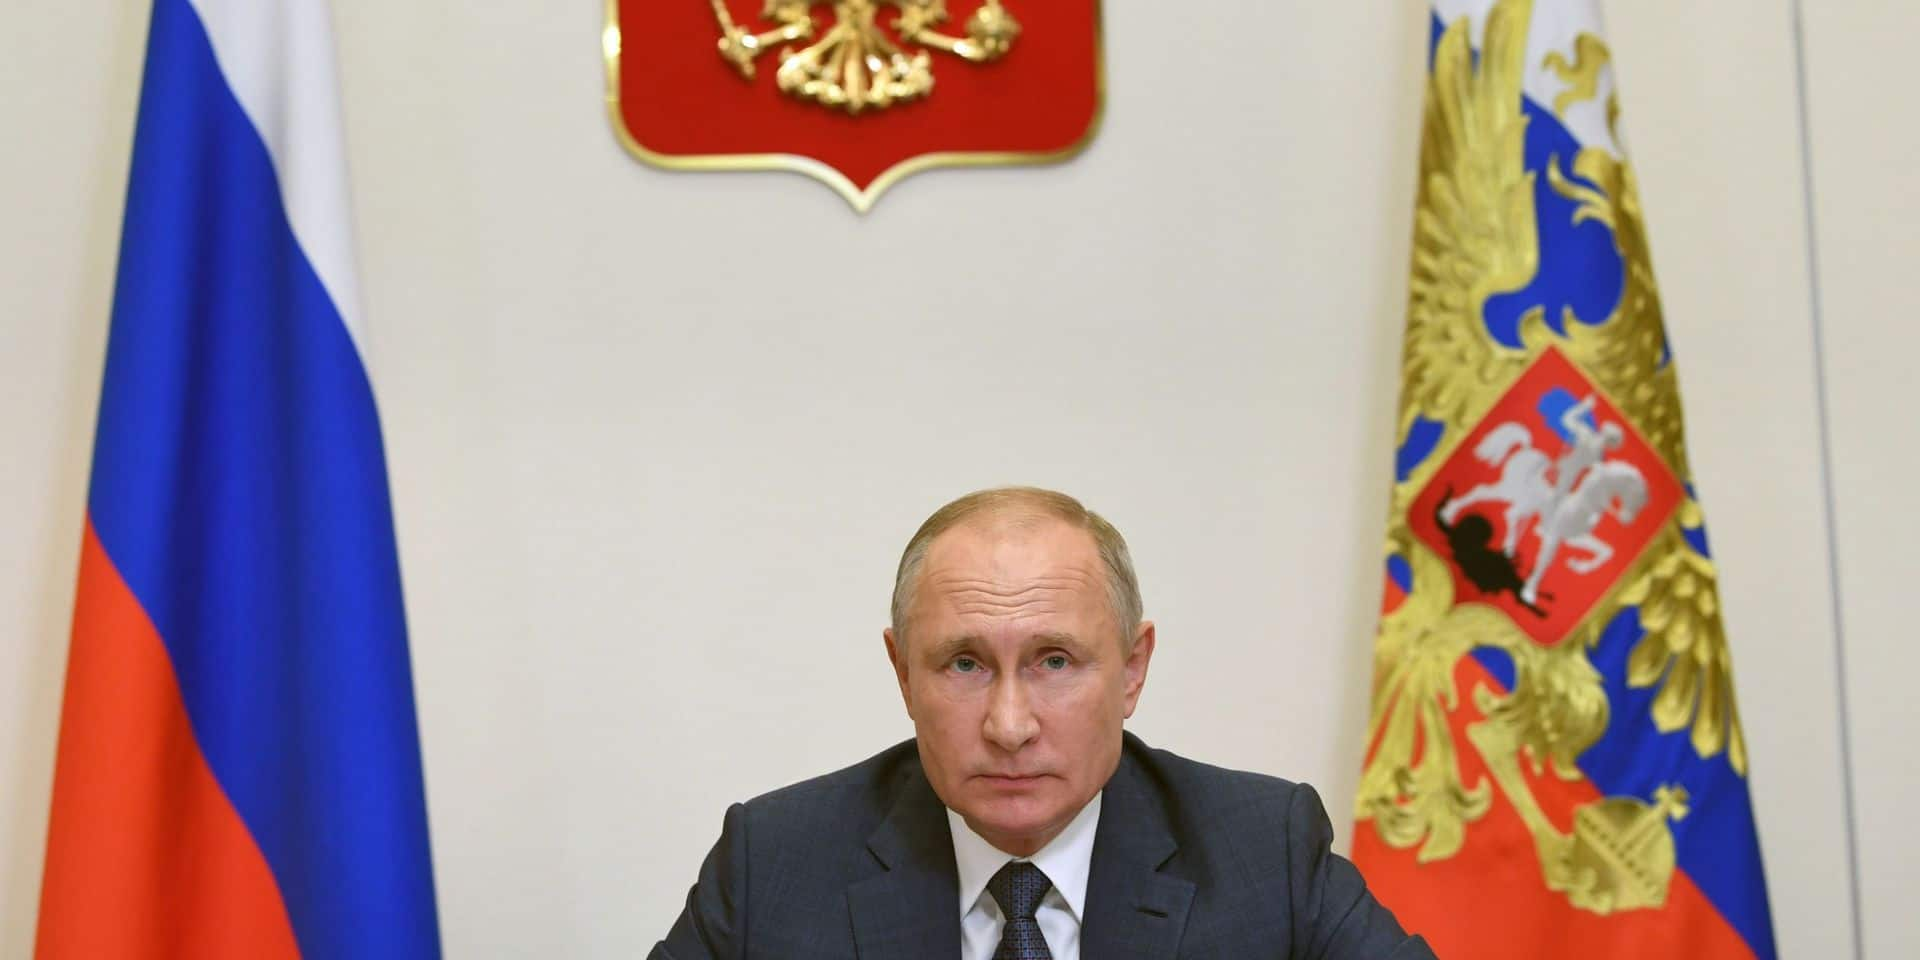 Les autorités russes resserrent de plus en plus leur étau sur la société civile.